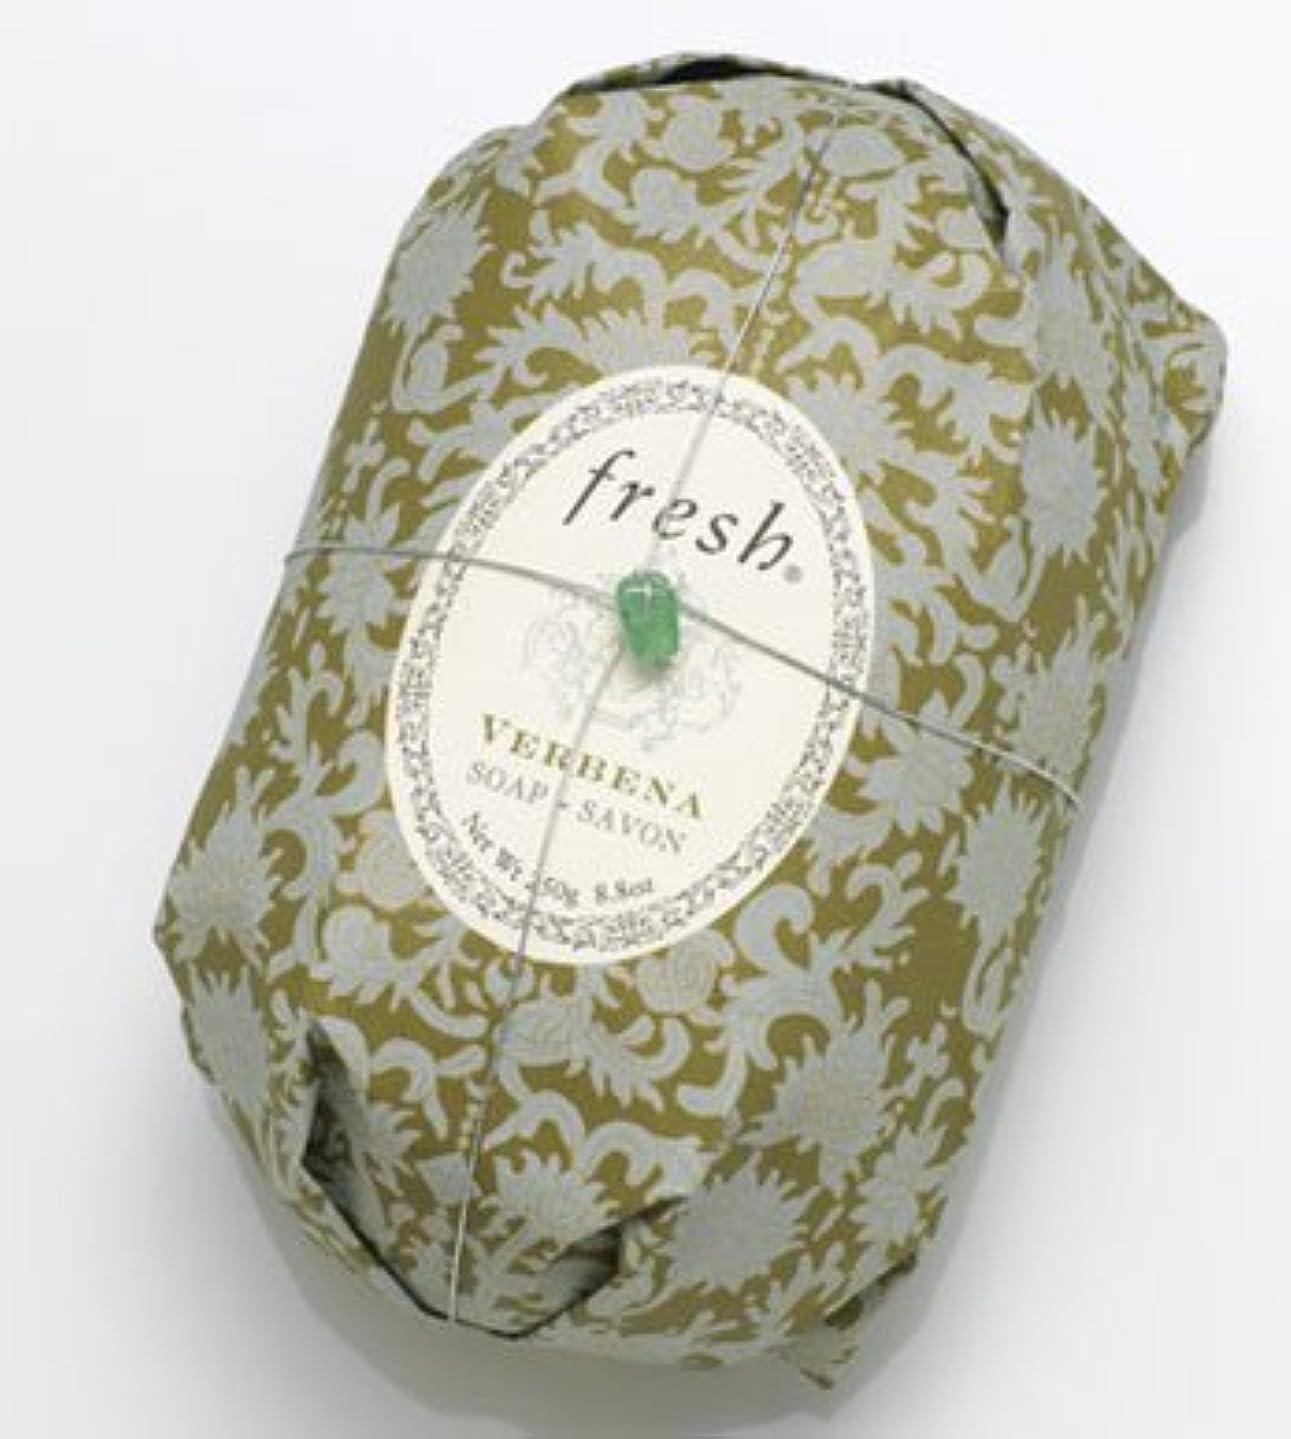 特許洞察力独立Fresh VERBENA SOAP (フレッシュ バーベナ ソープ) 8.8 oz (250g) Soap (石鹸) by Fresh